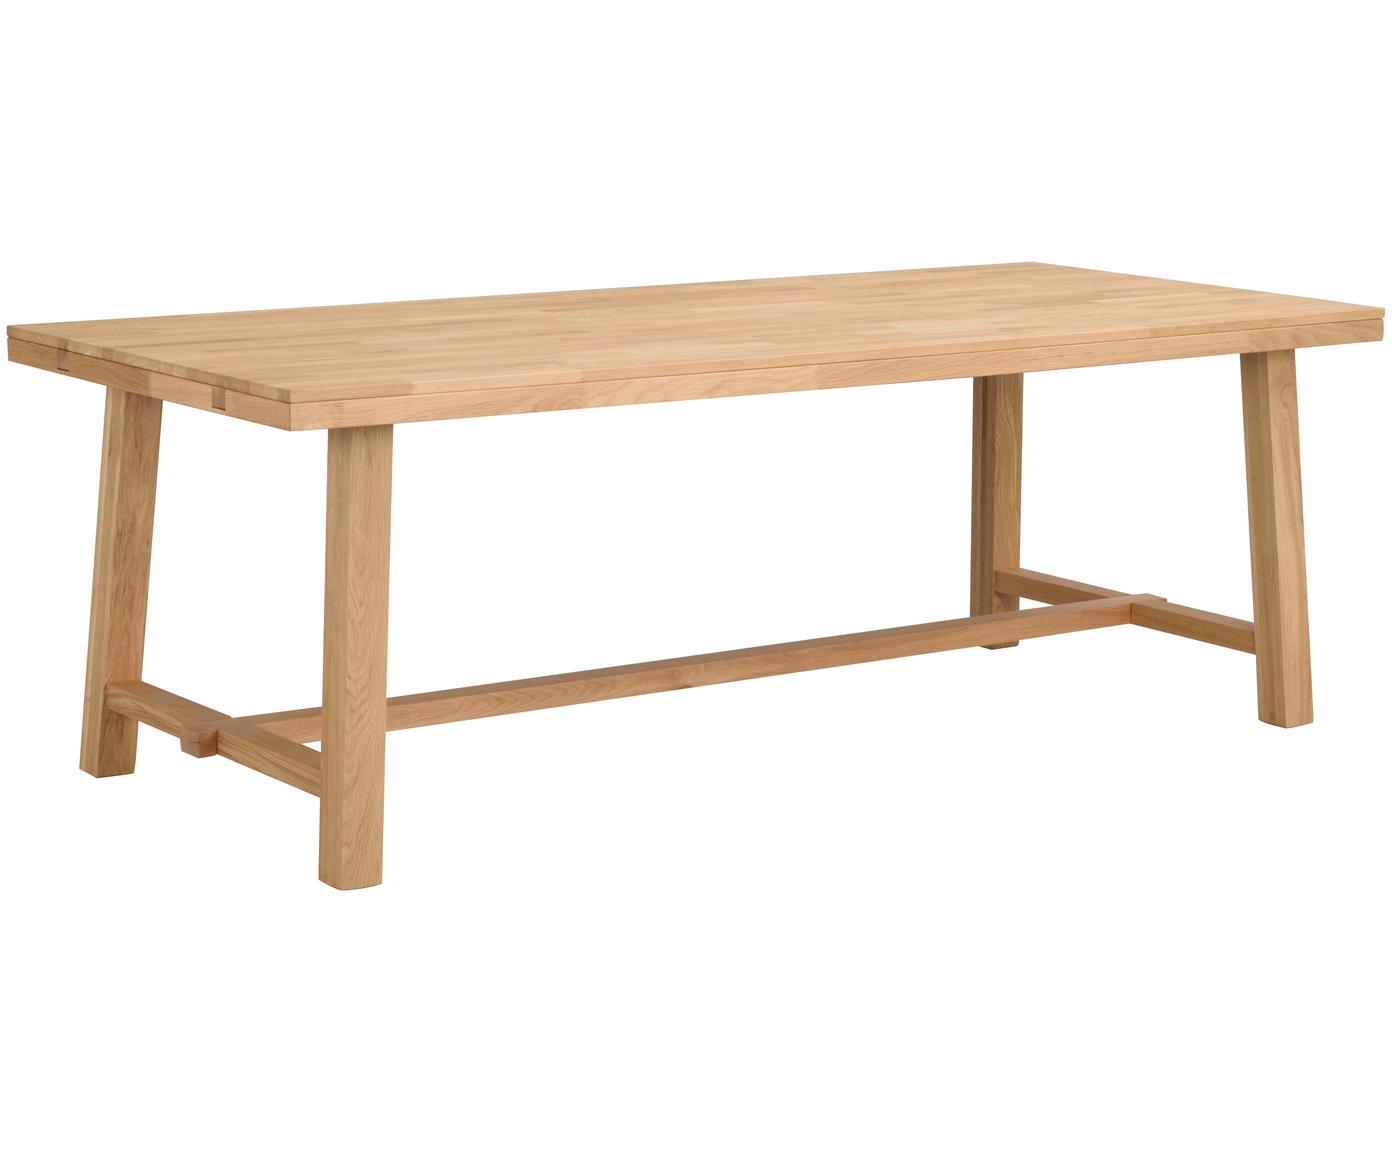 Tavolo allungabile in legno massello Brooklyn, Legno di quercia massello, laccato trasparente, Legno di quercia, Larg. 220 a 270 x Prof. 95 cm